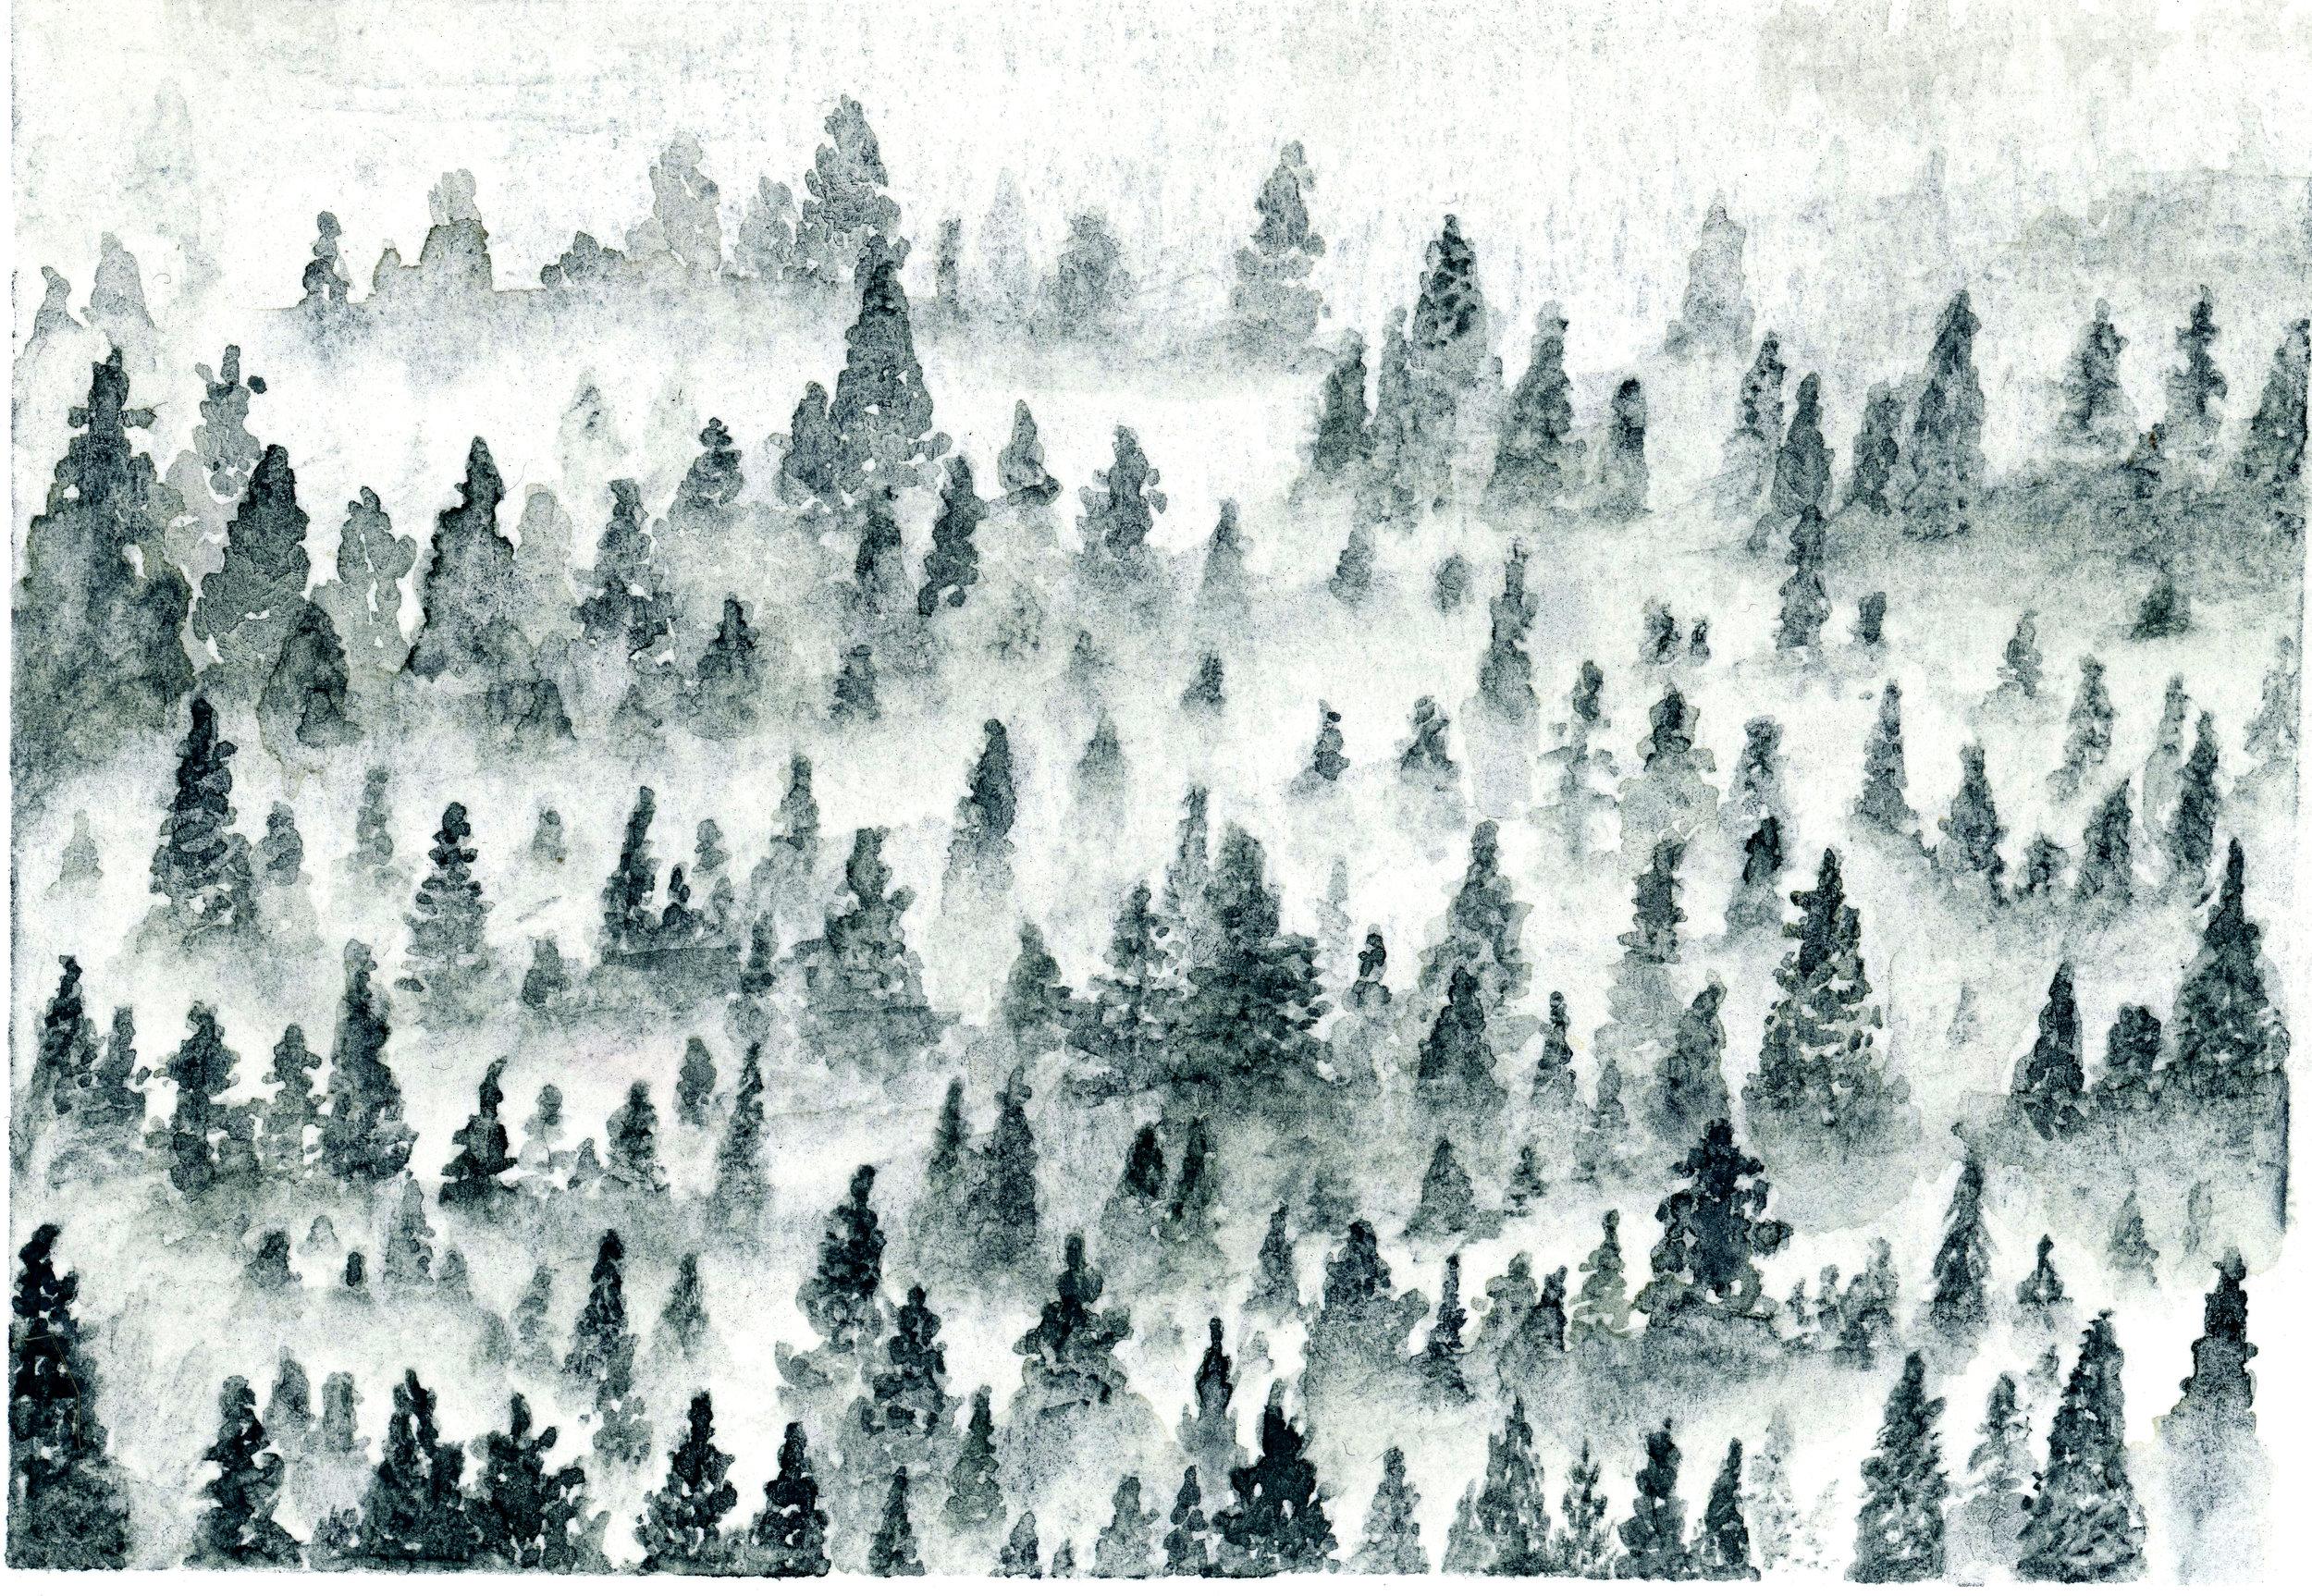 forest fire001.jpg